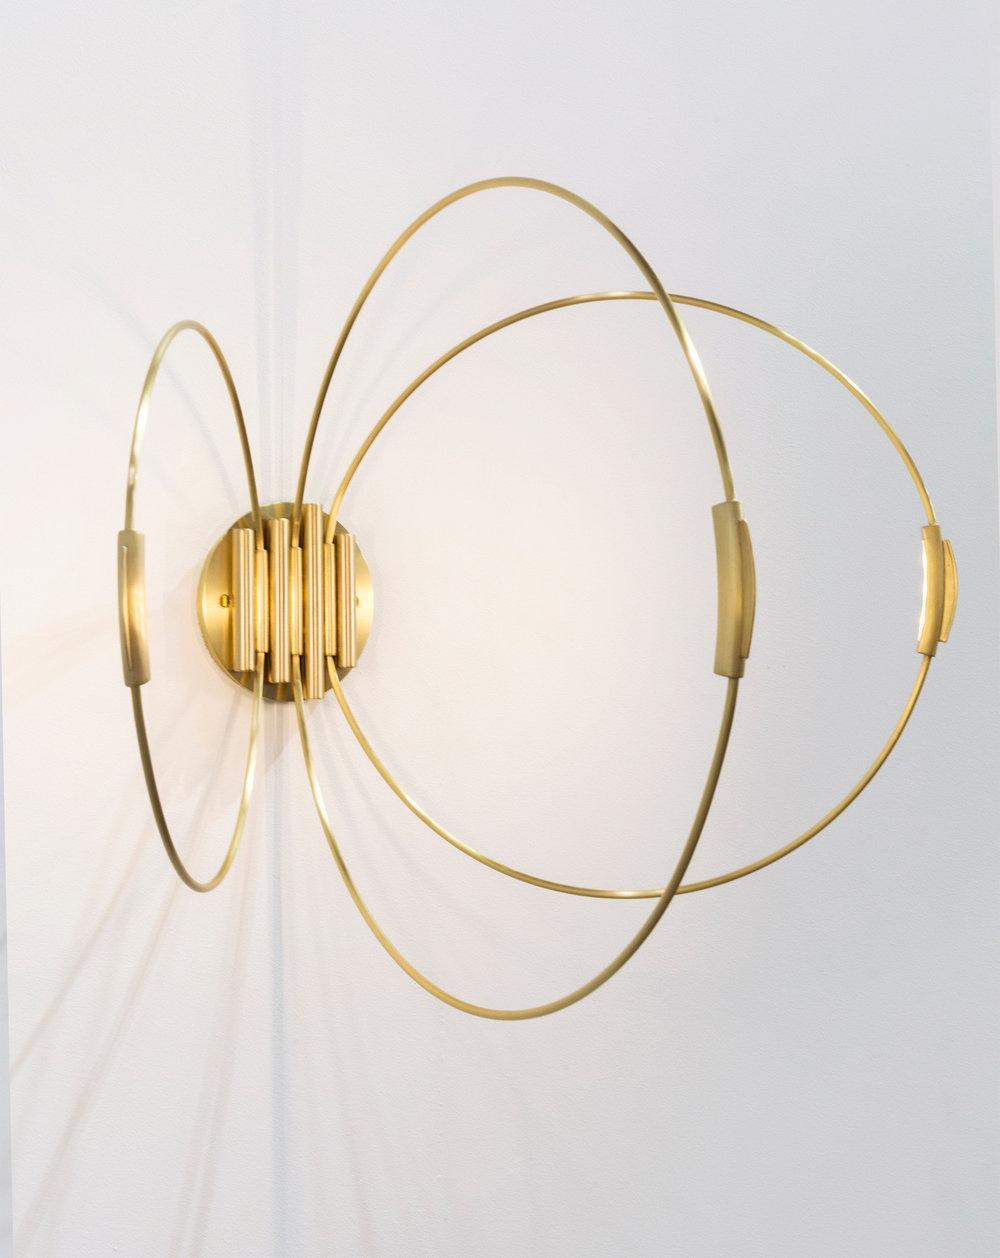 3-rings-sconce-elish-warlop-1.jpg